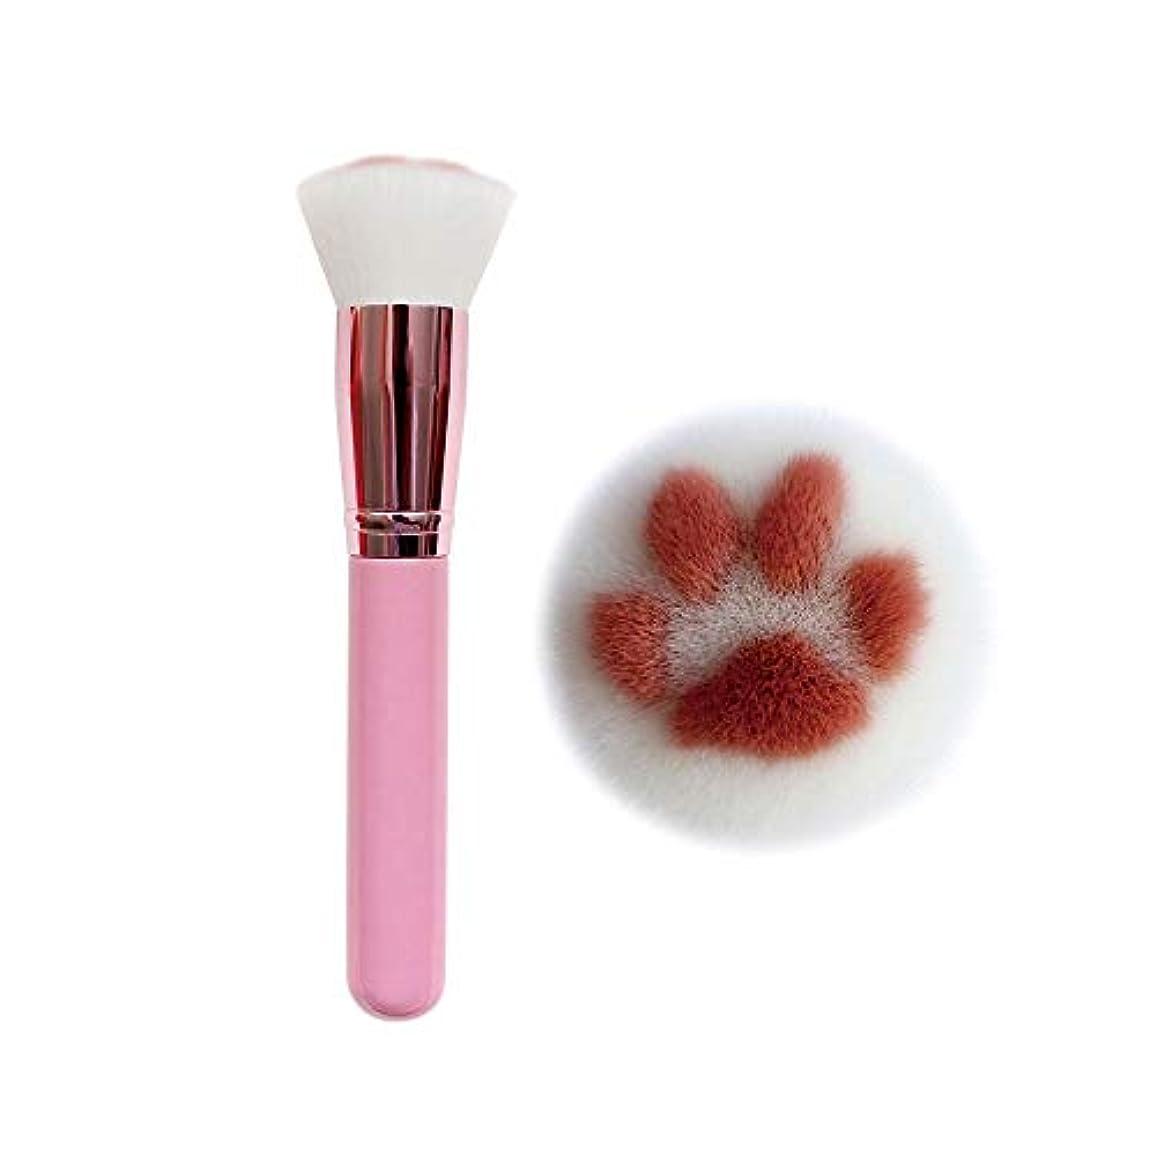 件名ラウンジ逆に化粧ブラシ、ファンデーションブラシ、猫の爪形化粧ブラシ、カワイイファンデーションブラシ、バーチハンドルレーヨン化粧ブラシ美容化粧ツール (Pink)